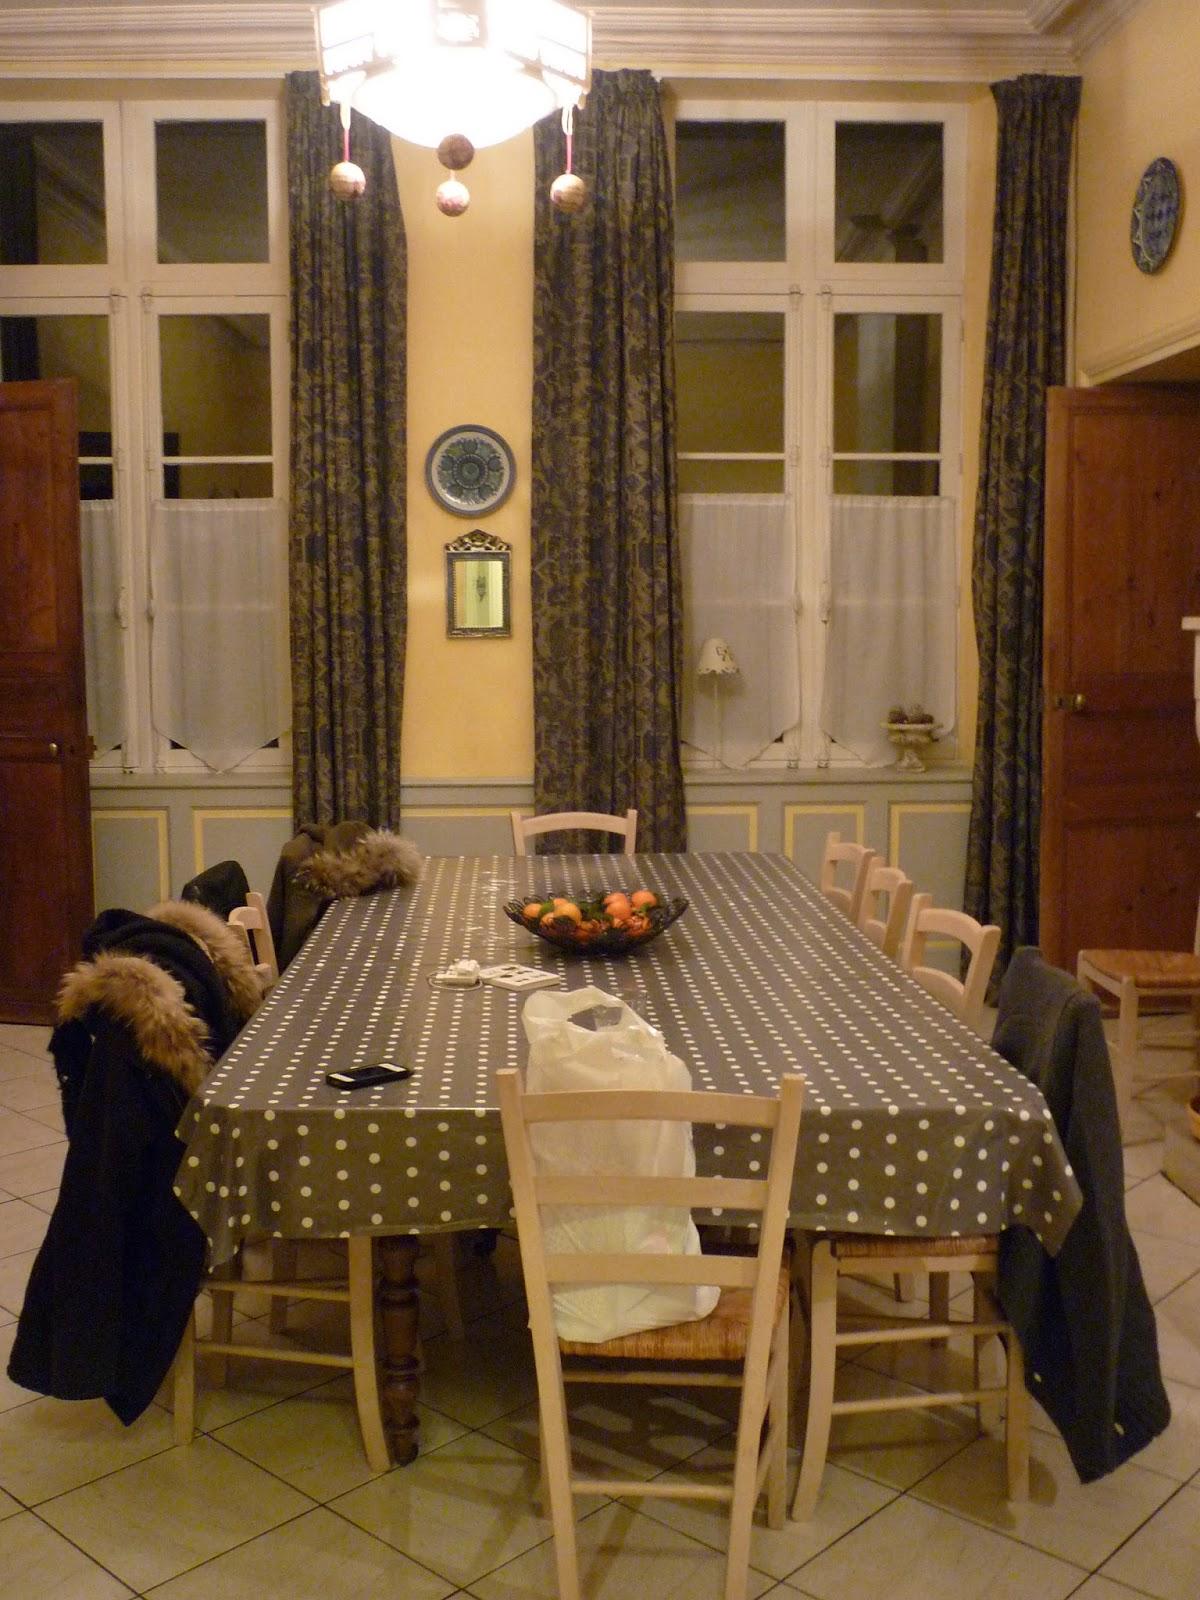 Salle à manger du Manoir de Beaurepaire en Normandie